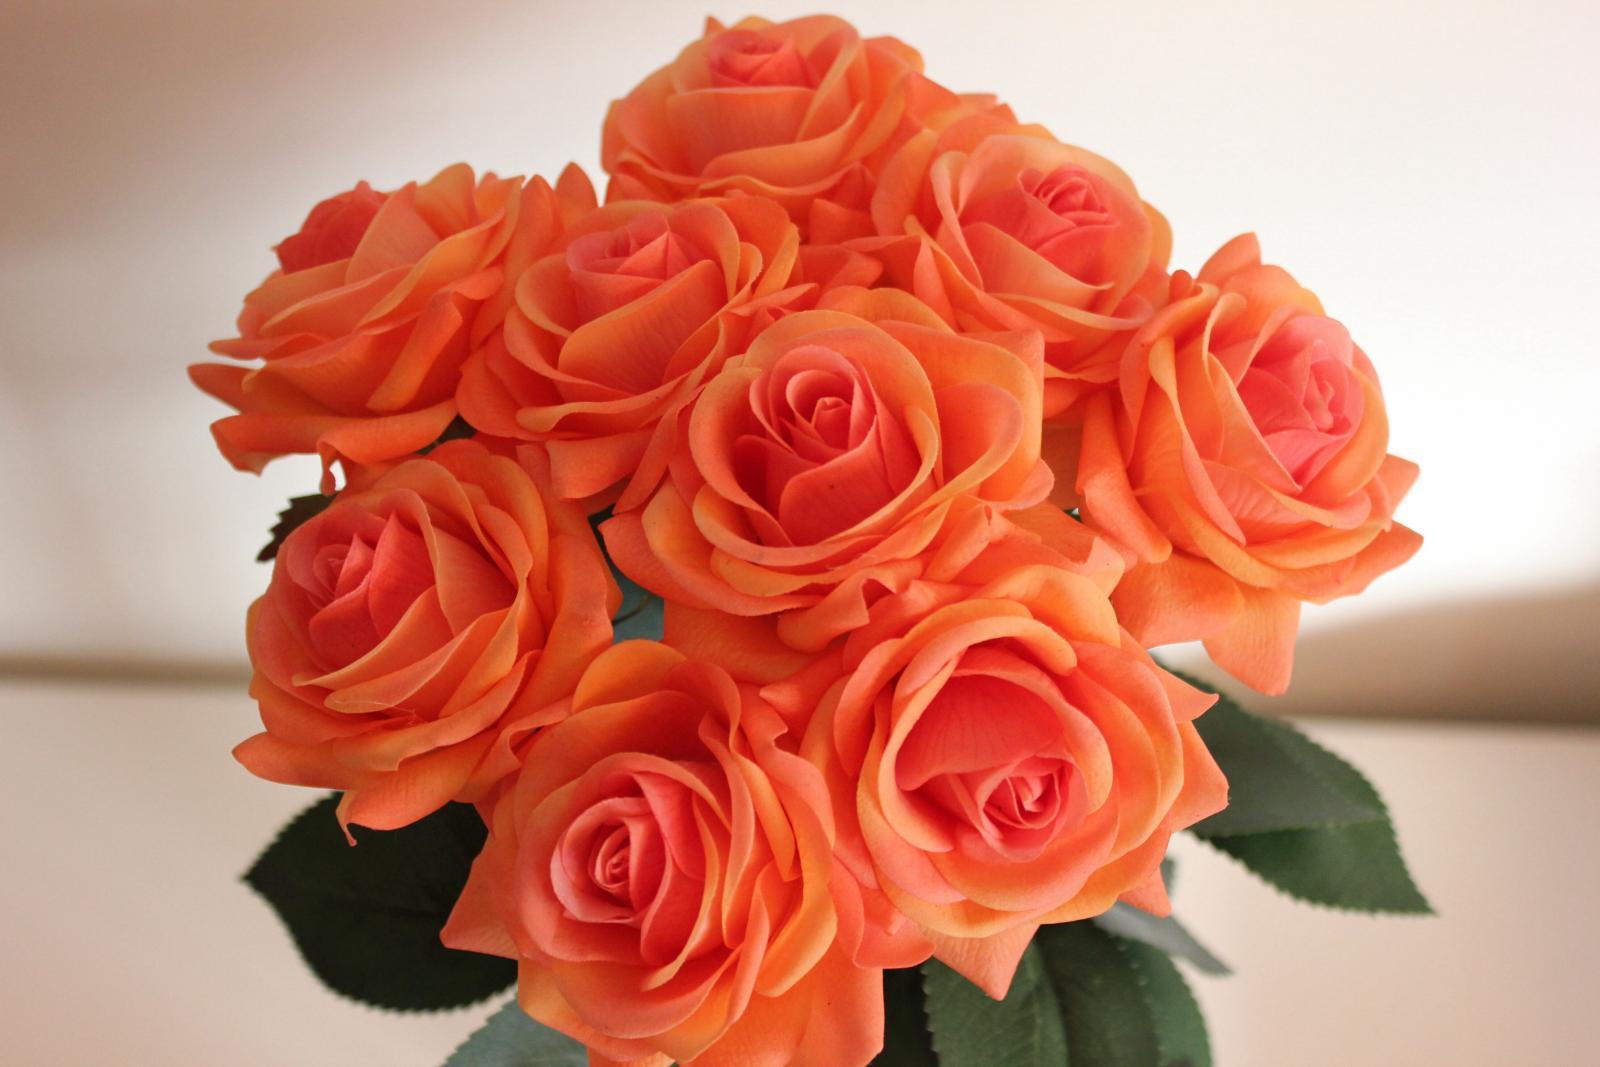 крепить розы персиковый цвет фото представитель фотостудии